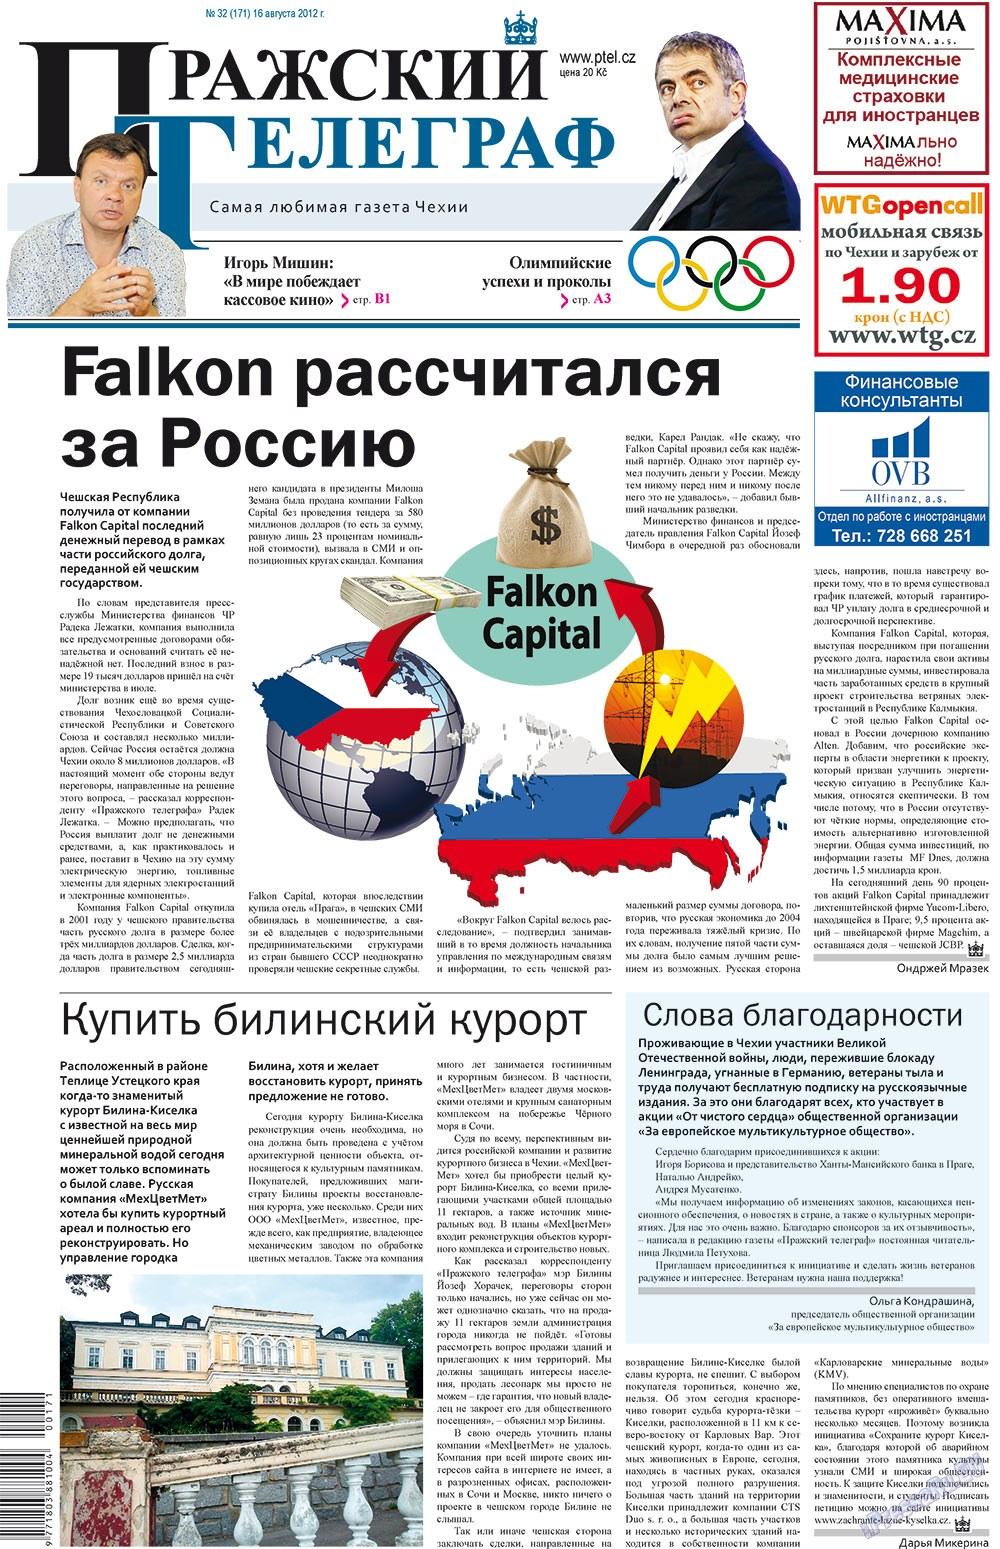 Пражский телеграф (газета). 2012 год, номер 32, стр. 1